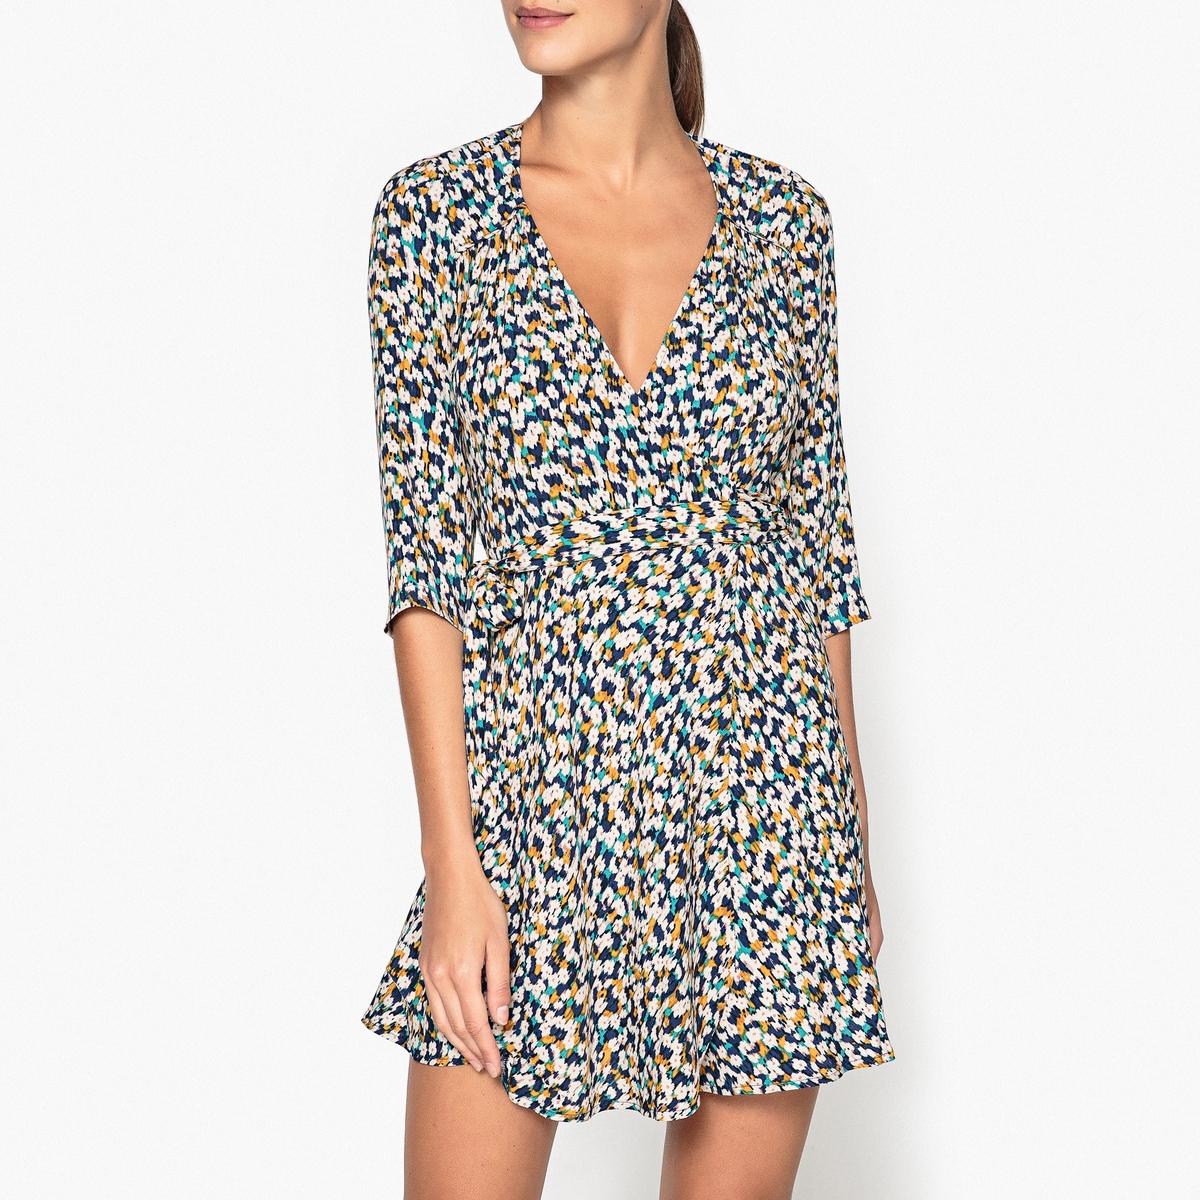 Платье с запахом с рисунком CHICACHI недорогое платье запахом для полных